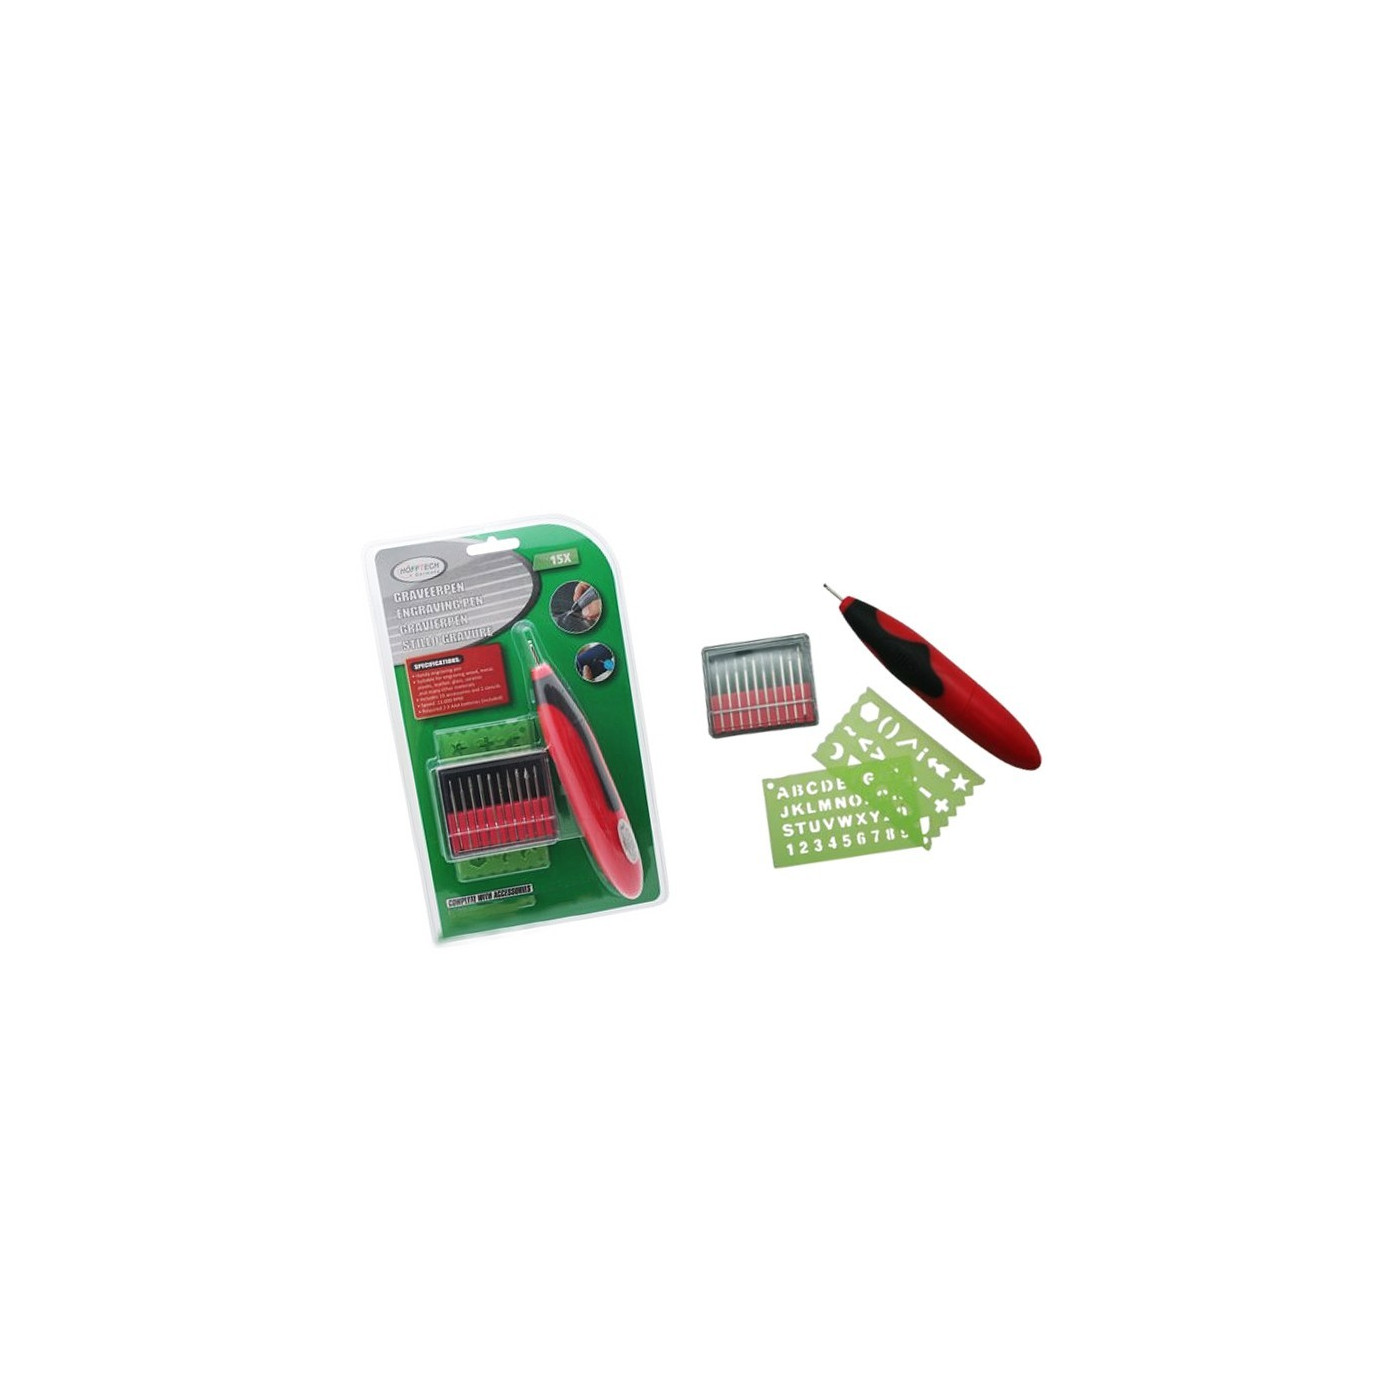 Graveerpen op batterijen, inclusief freesjes